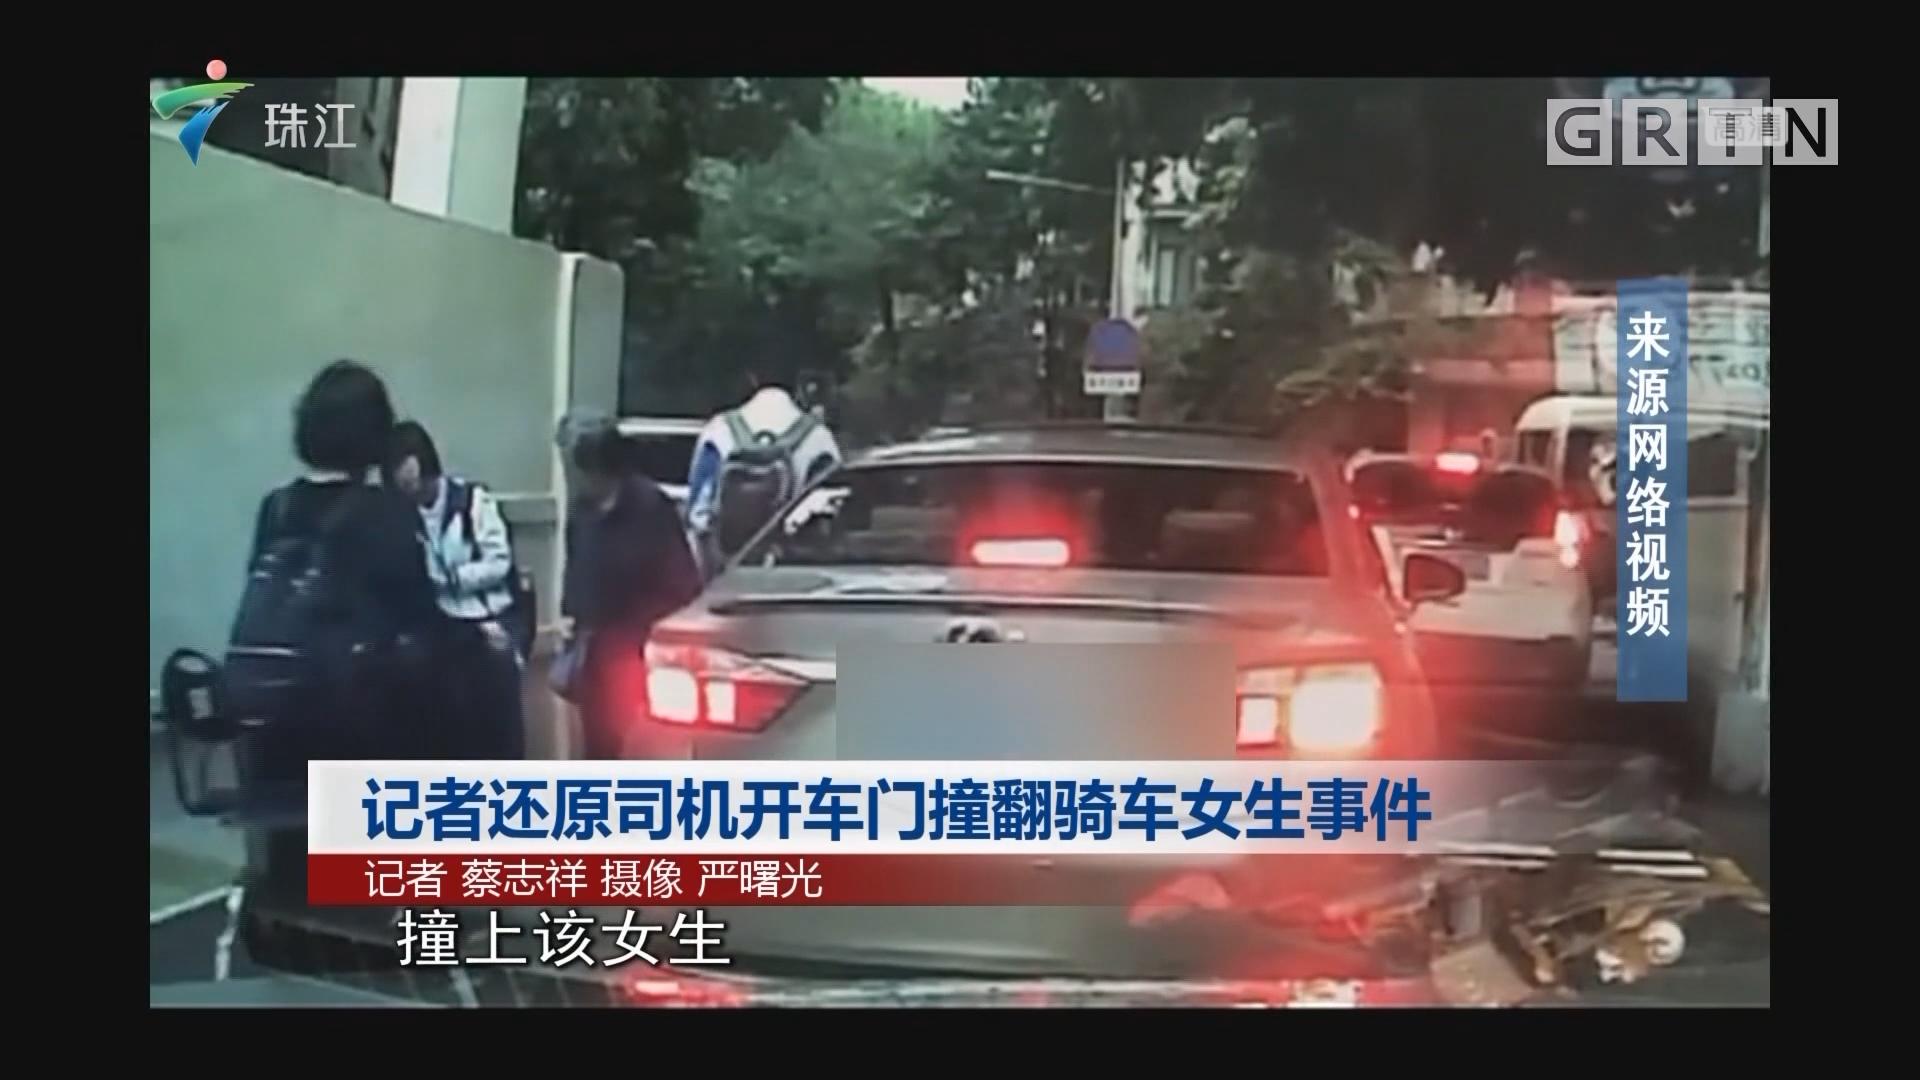 记者还原司机开车门撞翻骑车女生事件